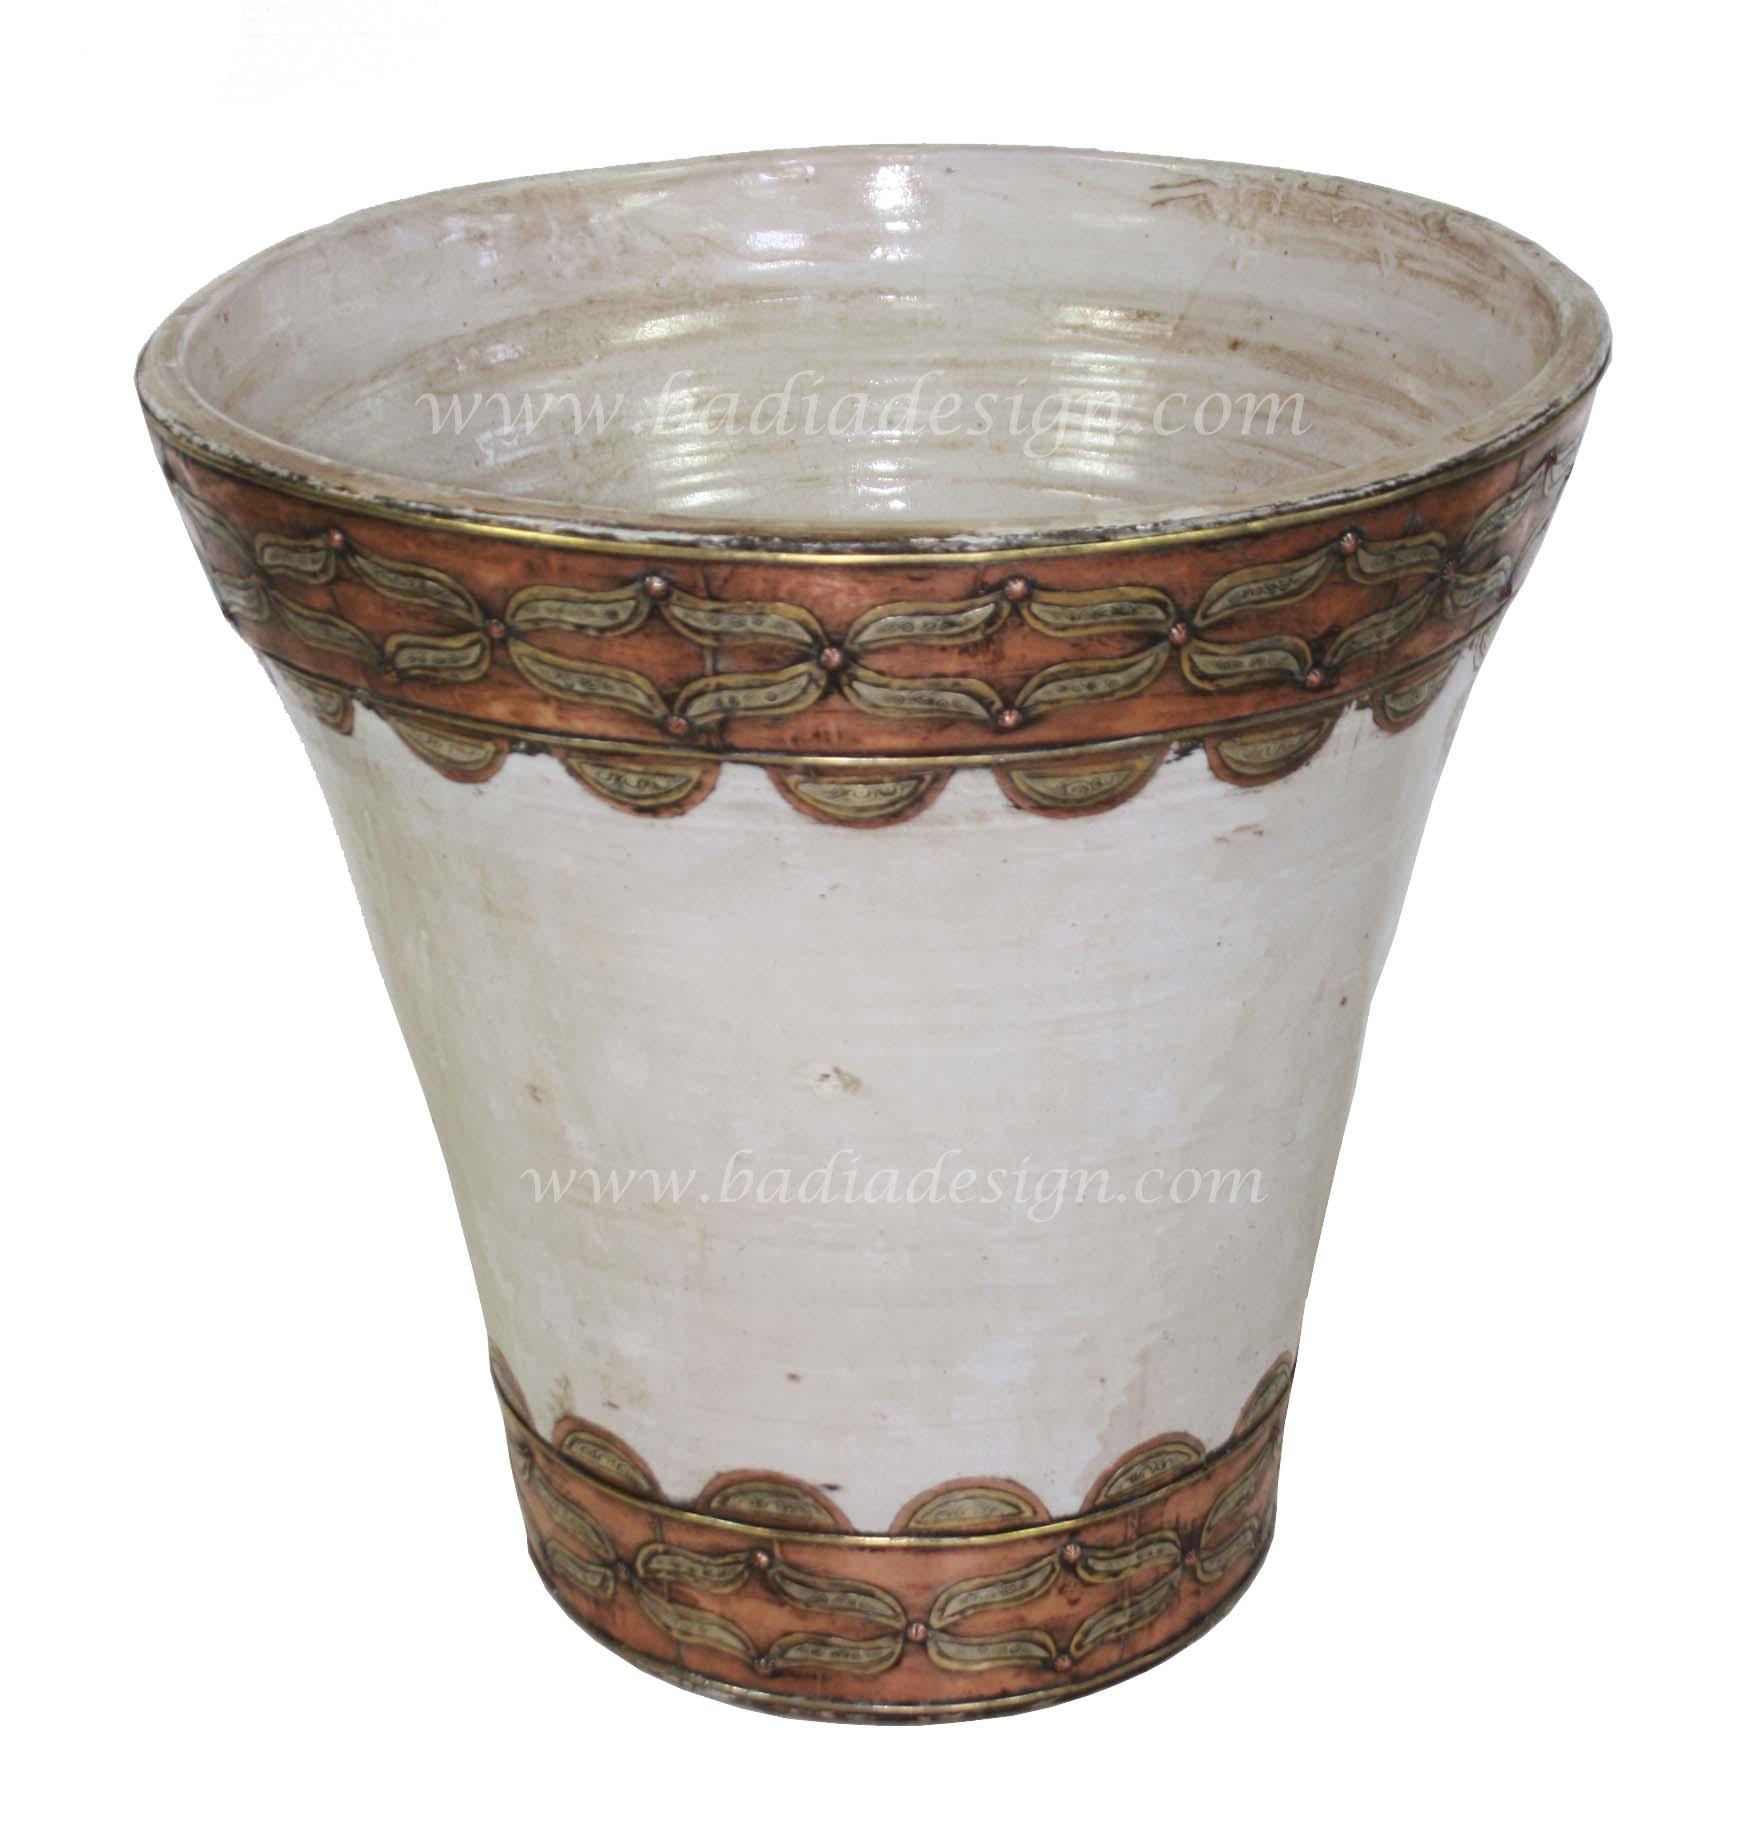 moroccan-metal-and-ceramic-vase-va072-1.jpg